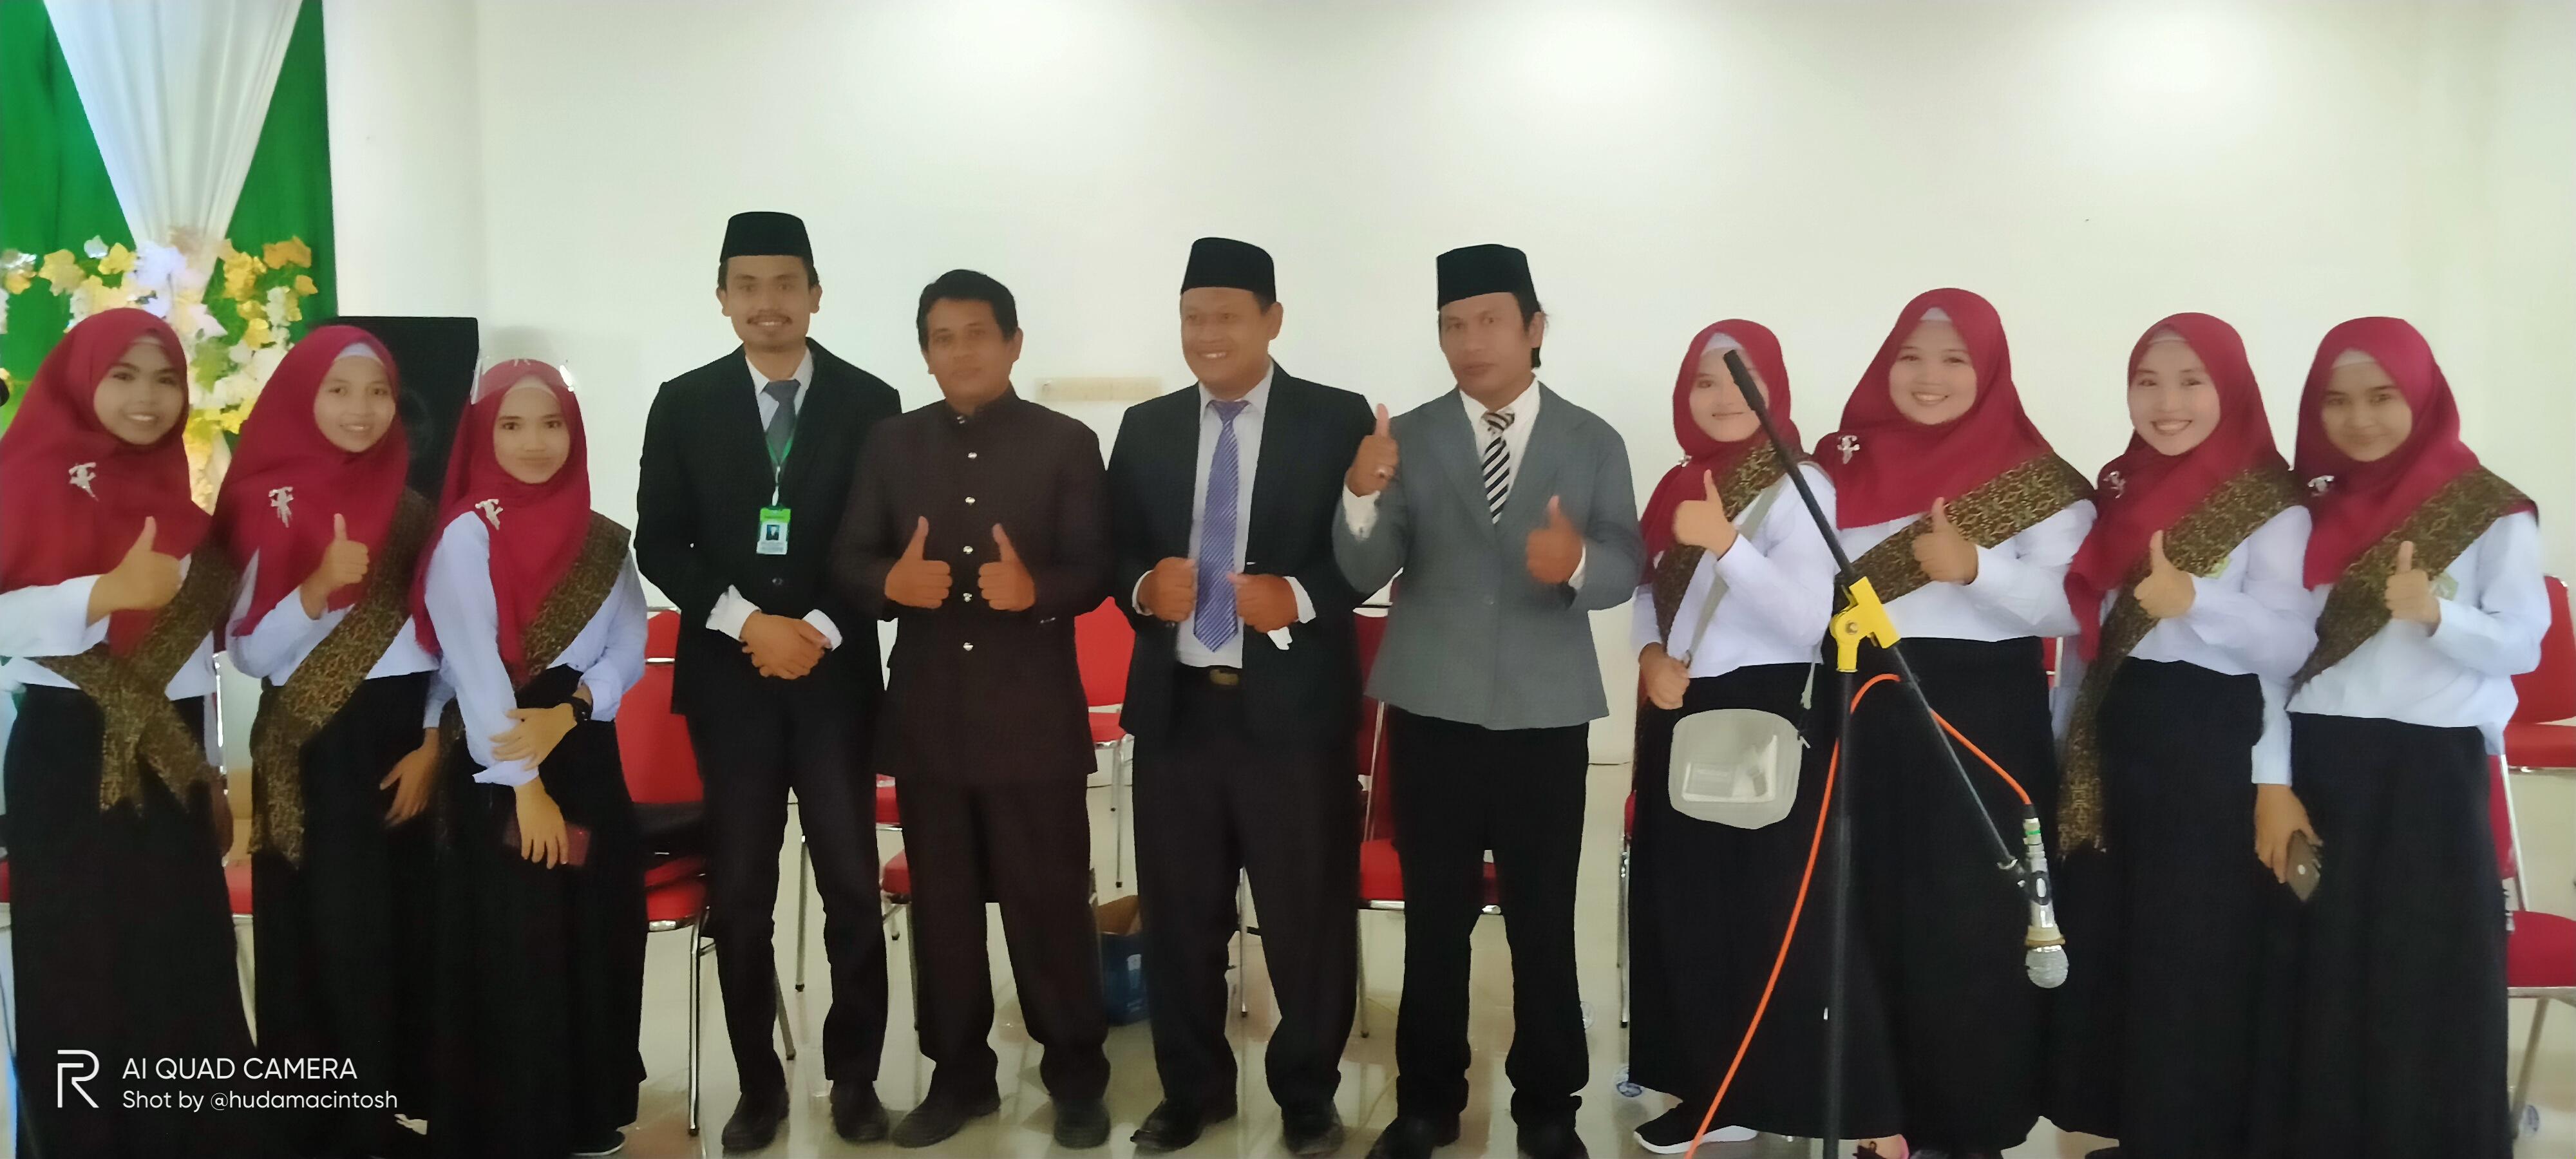 Bersama Mentor PSM Cebbing STAIM Tarate Sumenep